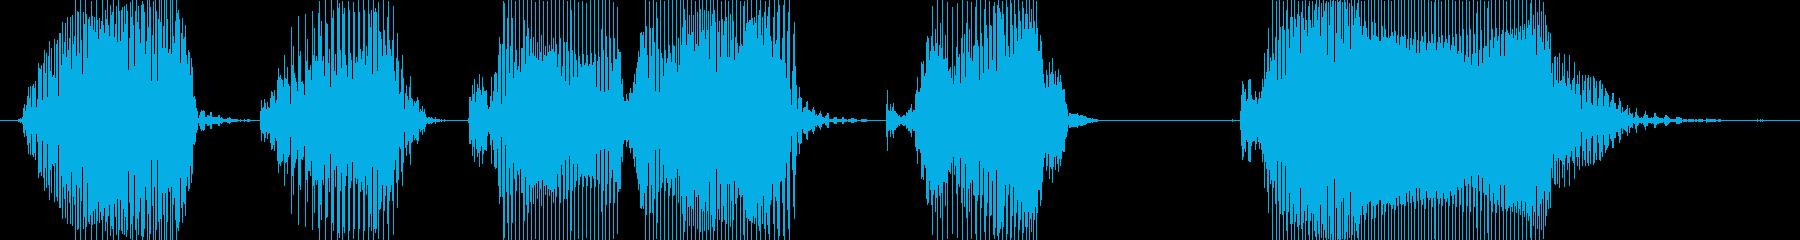 お宝ゲット!の再生済みの波形